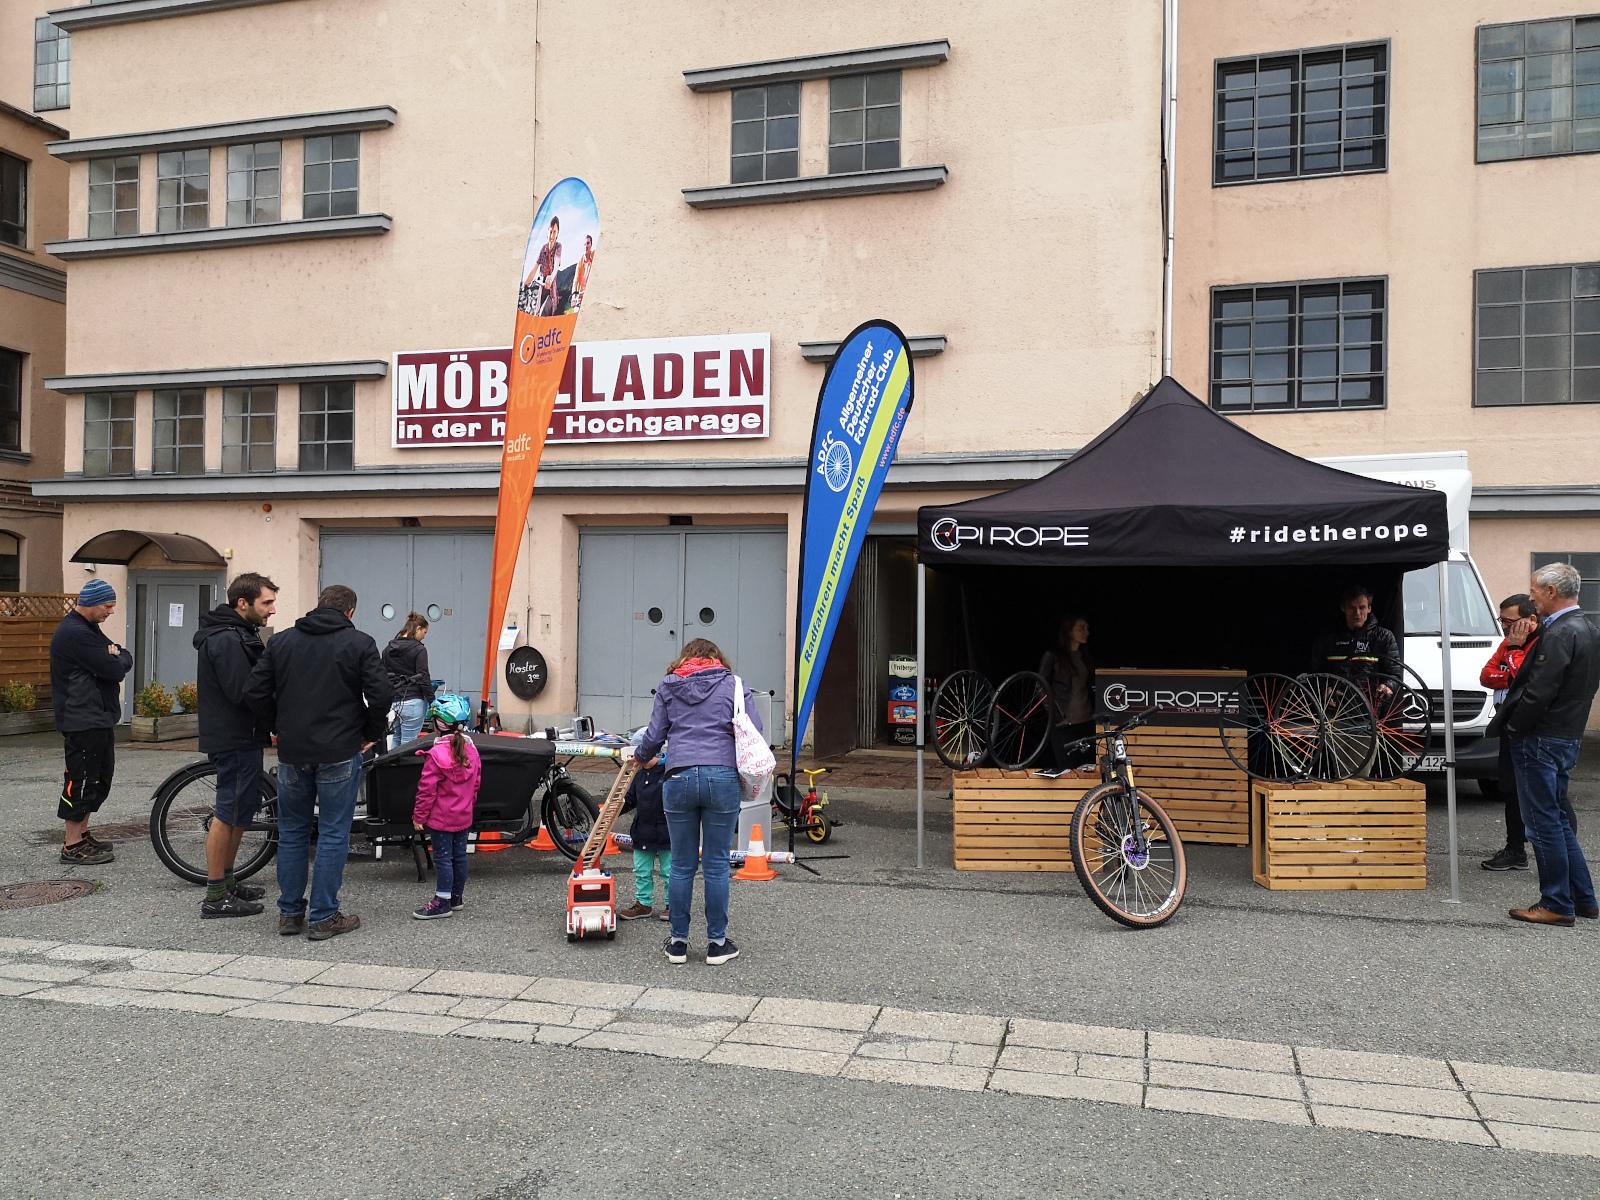 Die Stände von Pi-rope und der Fahrrad-Codier-Stand